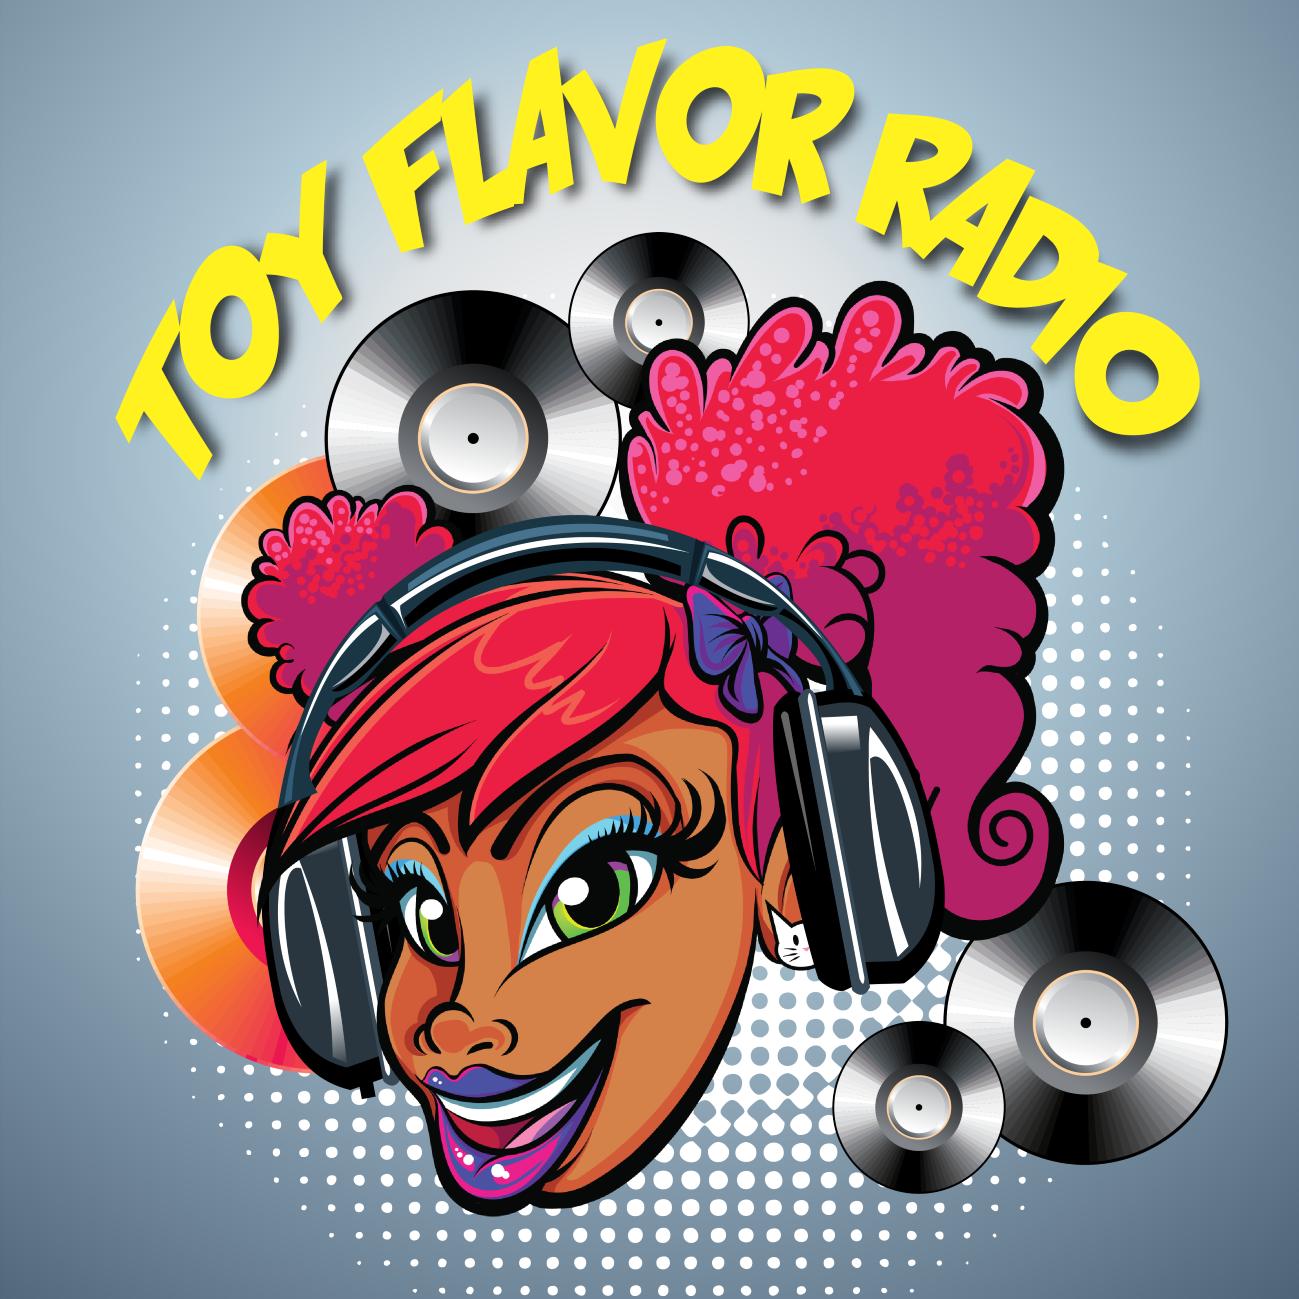 Toy Flavor Radio